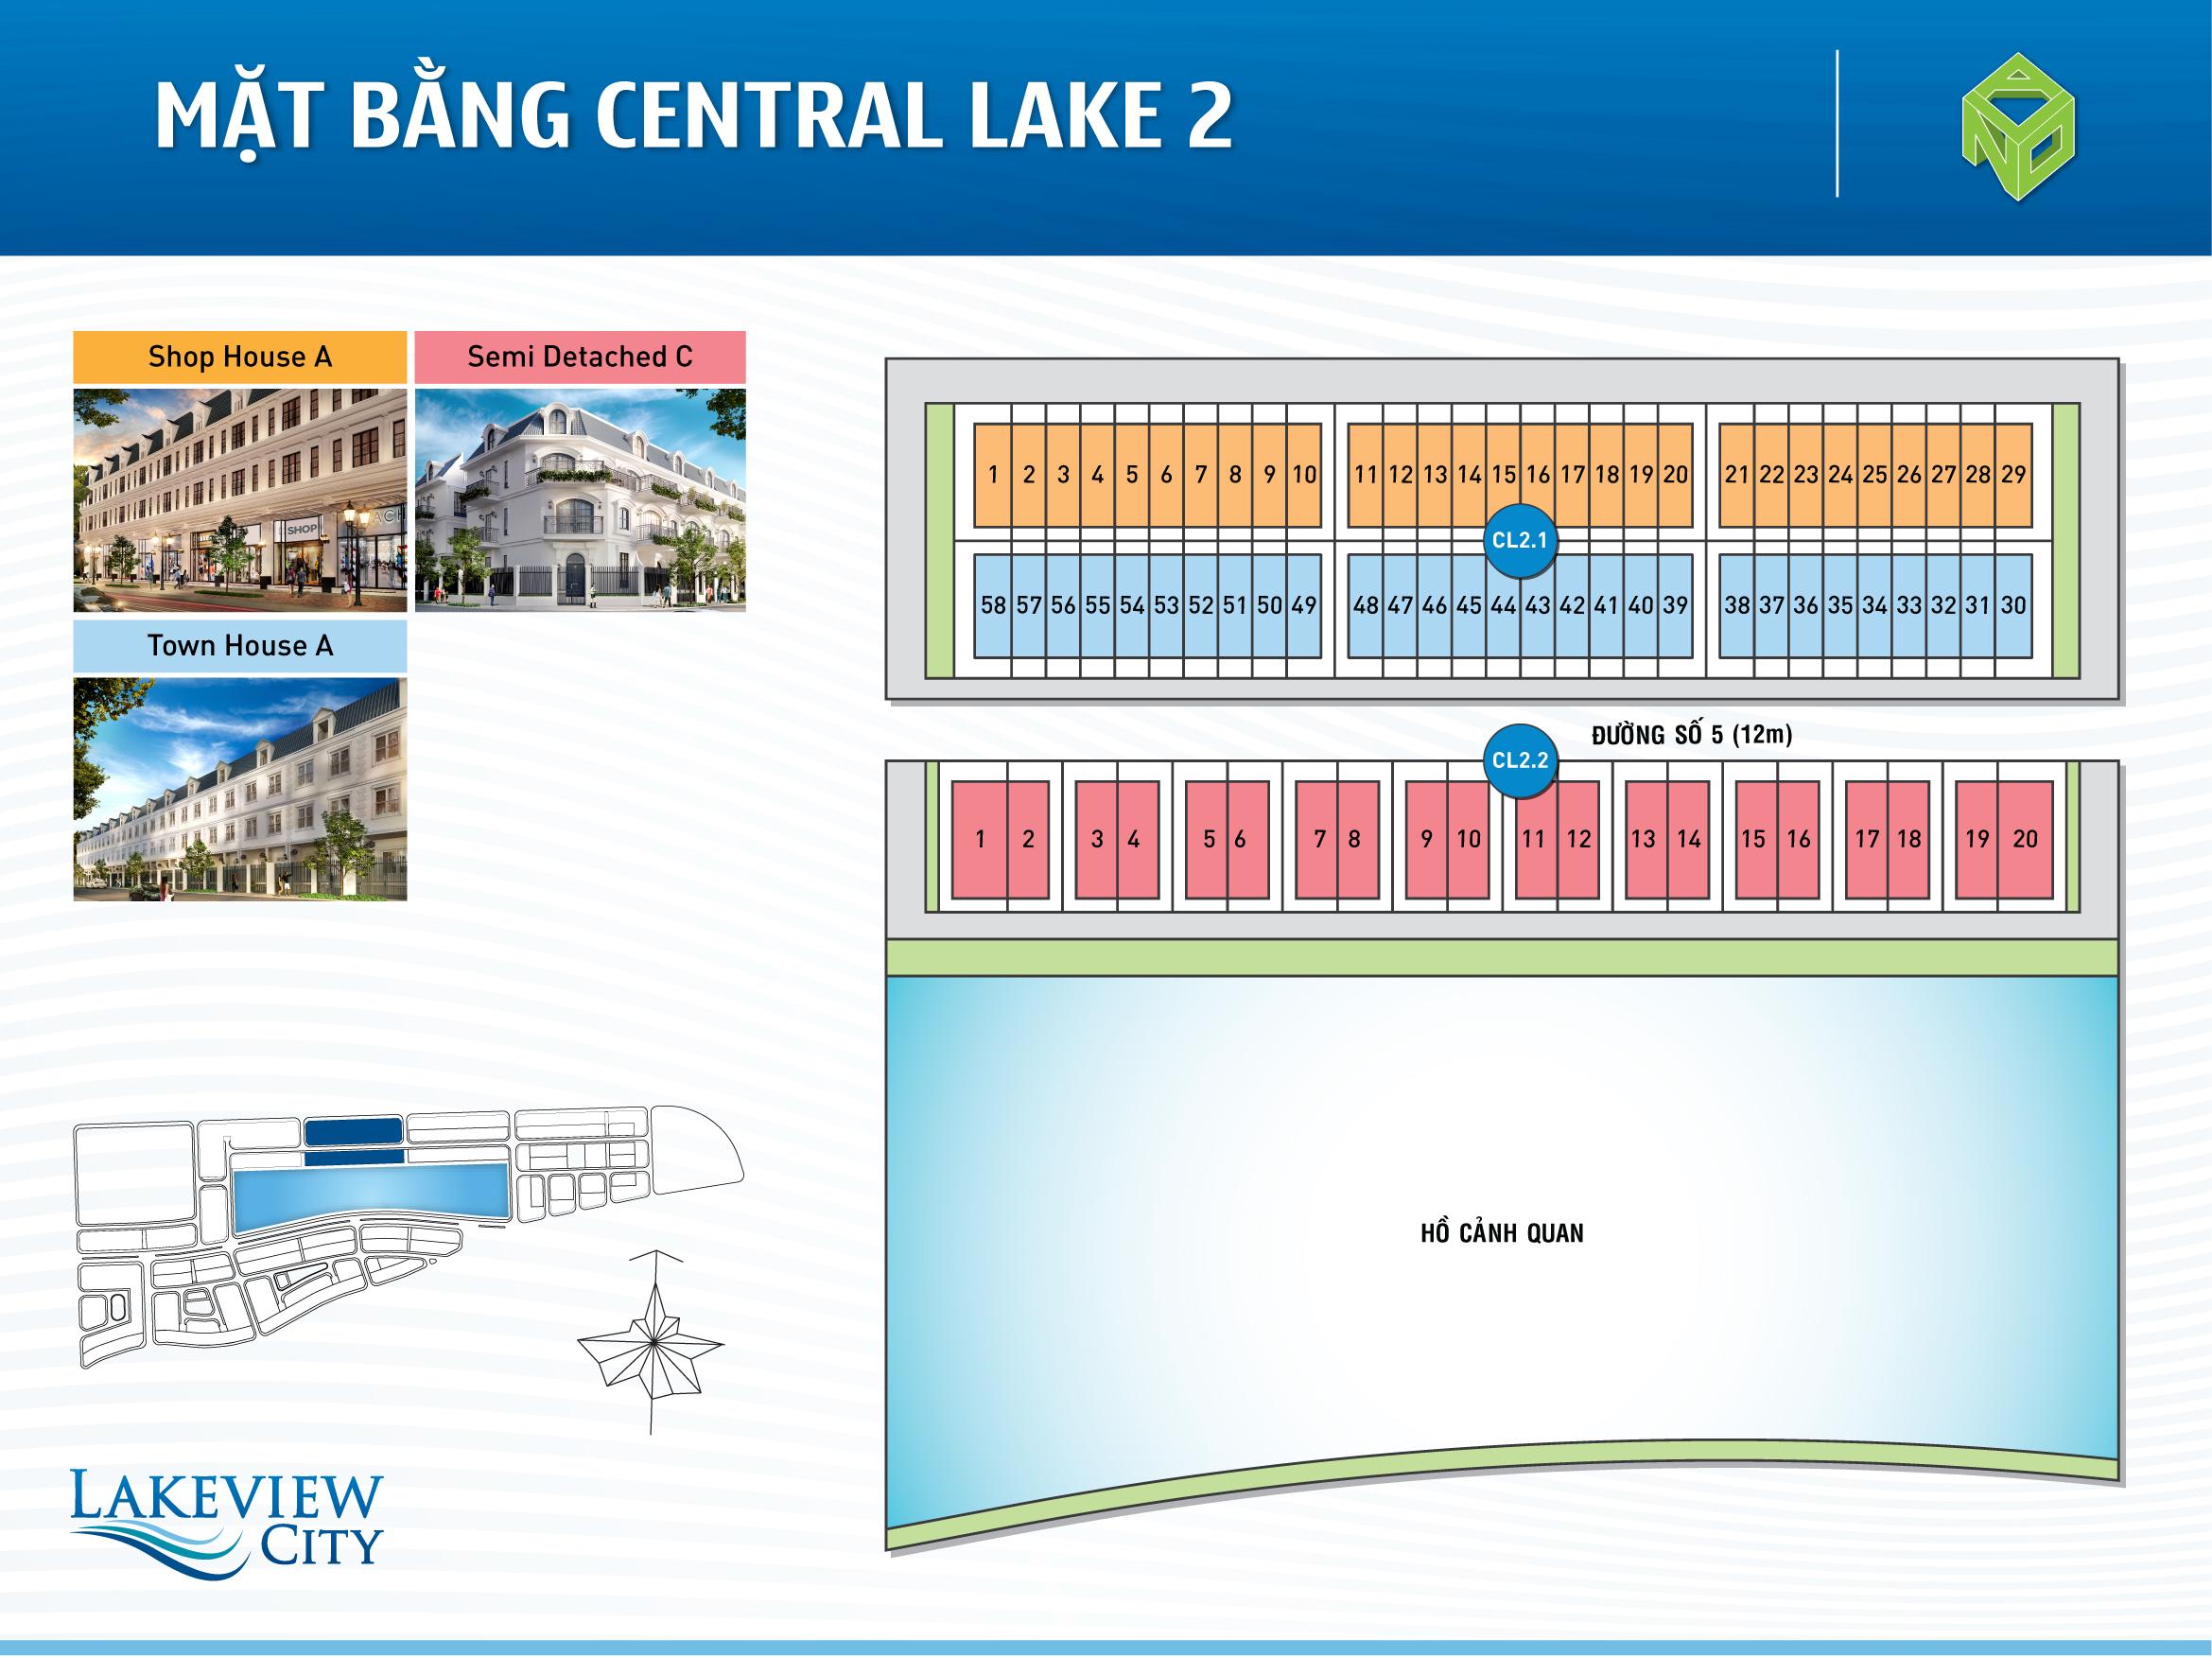 Mặt bằng Central Lake 2 dự án Lakeview